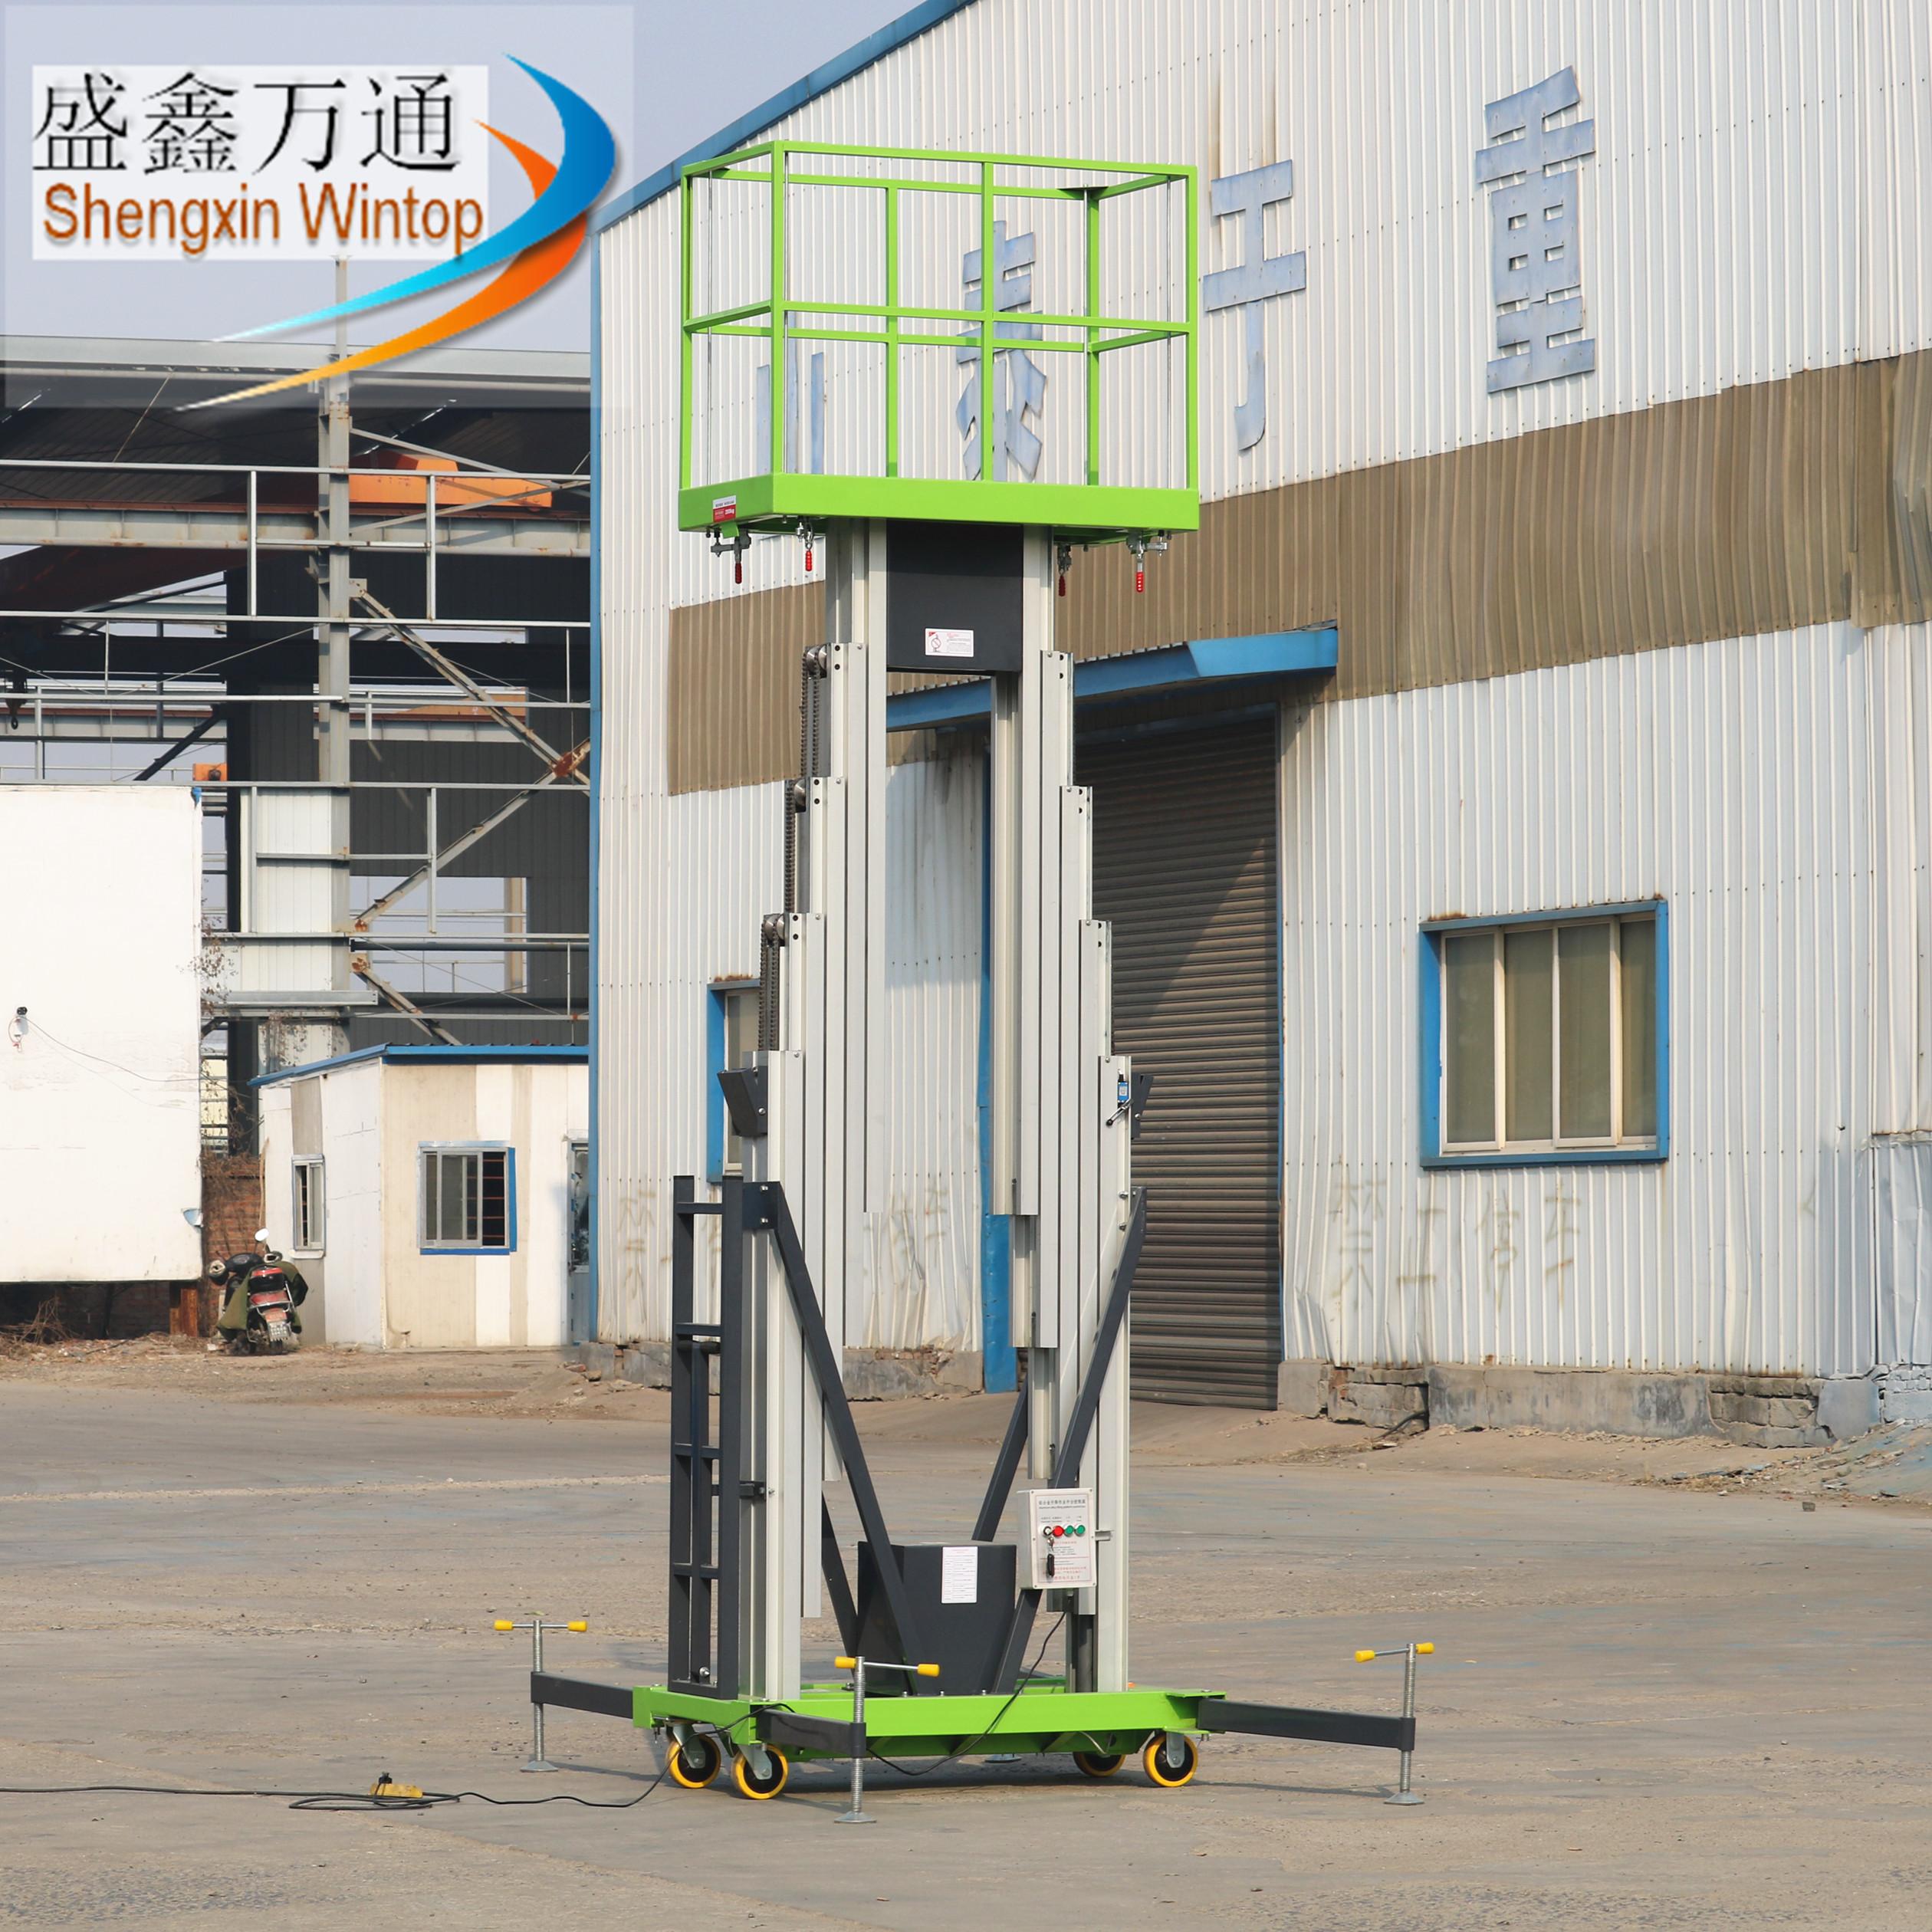 供应河北邯郸铝合金升降机小型移动式升降机室内外高空维修作业升降平台